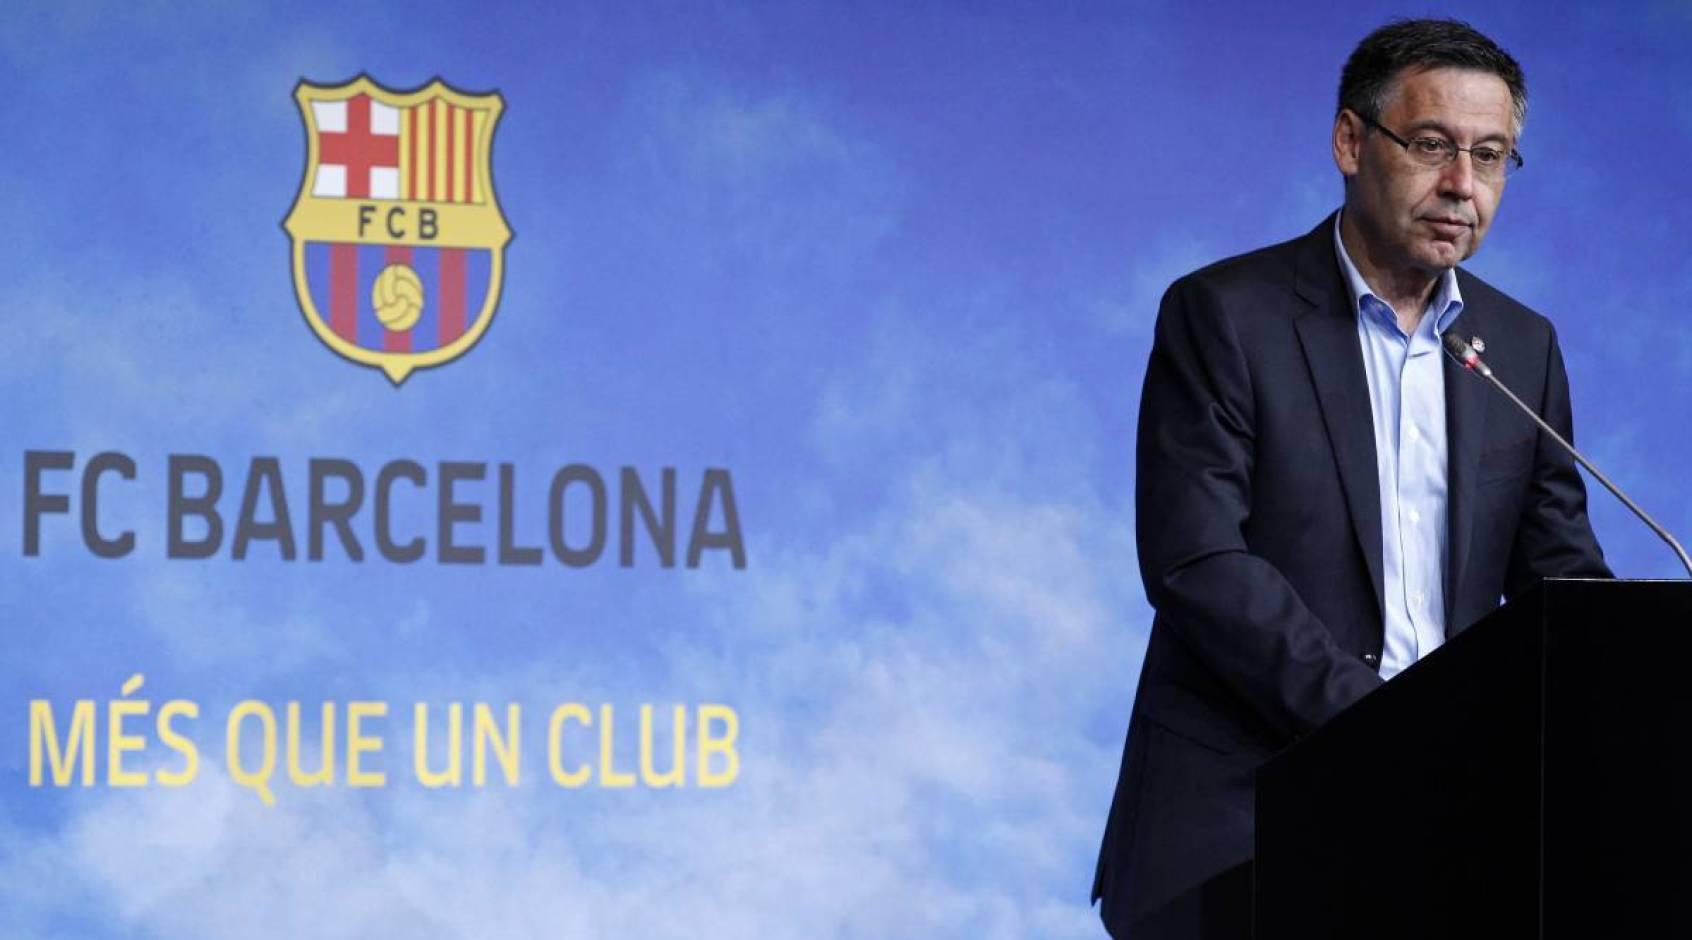 """Президент """"Барселоны"""" сообщил о паузе в переговорах с """"Интером"""" по трансферу Лаутаро Мартинеса"""